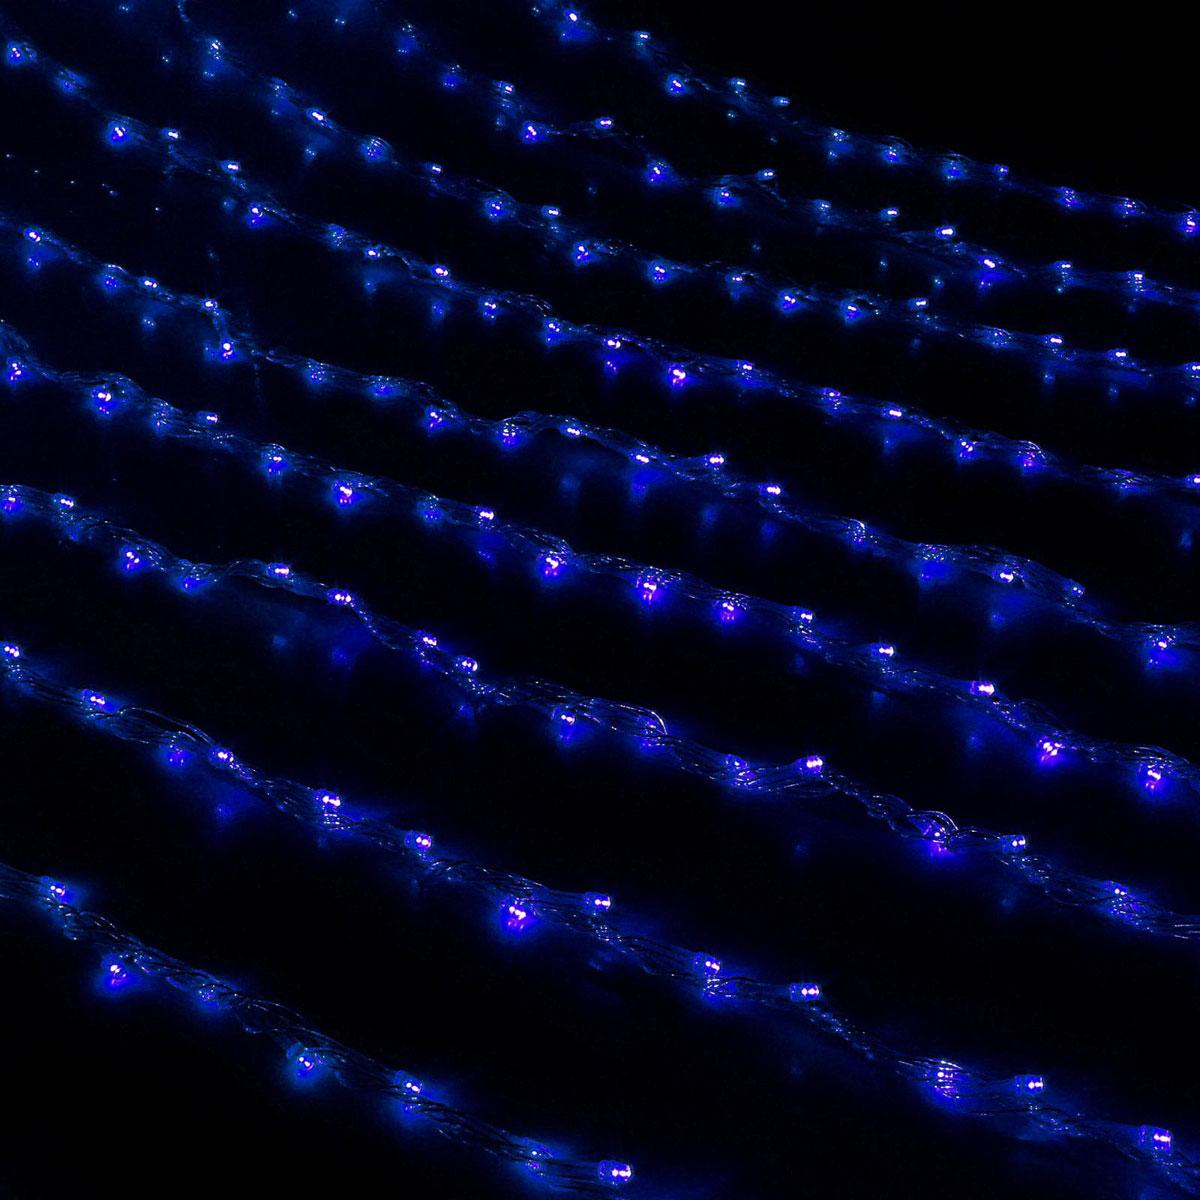 Гирлянда светодиодная Luazon Дождь, цвет: синий, 300 ламп, 8 режимов, 220 V, 1,5 х 1 м671633Светодиодные гирлянды и ленты — это отличный вариант для новогоднего оформления интерьера или фасада. С их помощью помещение любого размера можно превратить в праздничный зал, а внешние элементы зданий, украшенные ими, мгновенно станут напоминать очертания сказочного дворца. Такие украшения создают ауру предвкушения чуда. Деревья, фасады, витрины, окна и арки будто специально созданы, чтобы вы украсили их светящимися нитями.